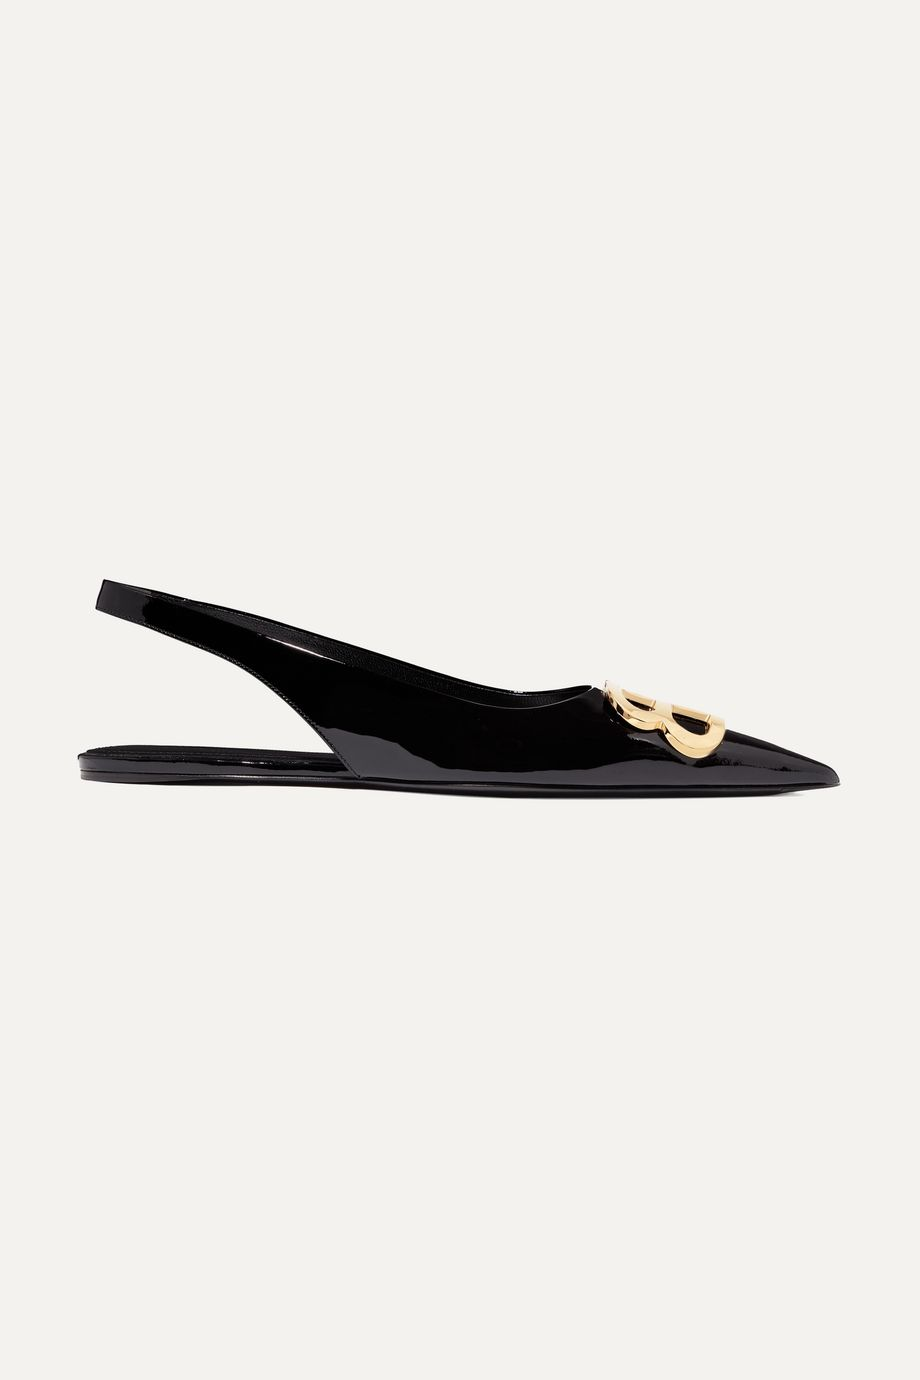 Balenciaga Knife logo-embellished patent-leather point-toe flats